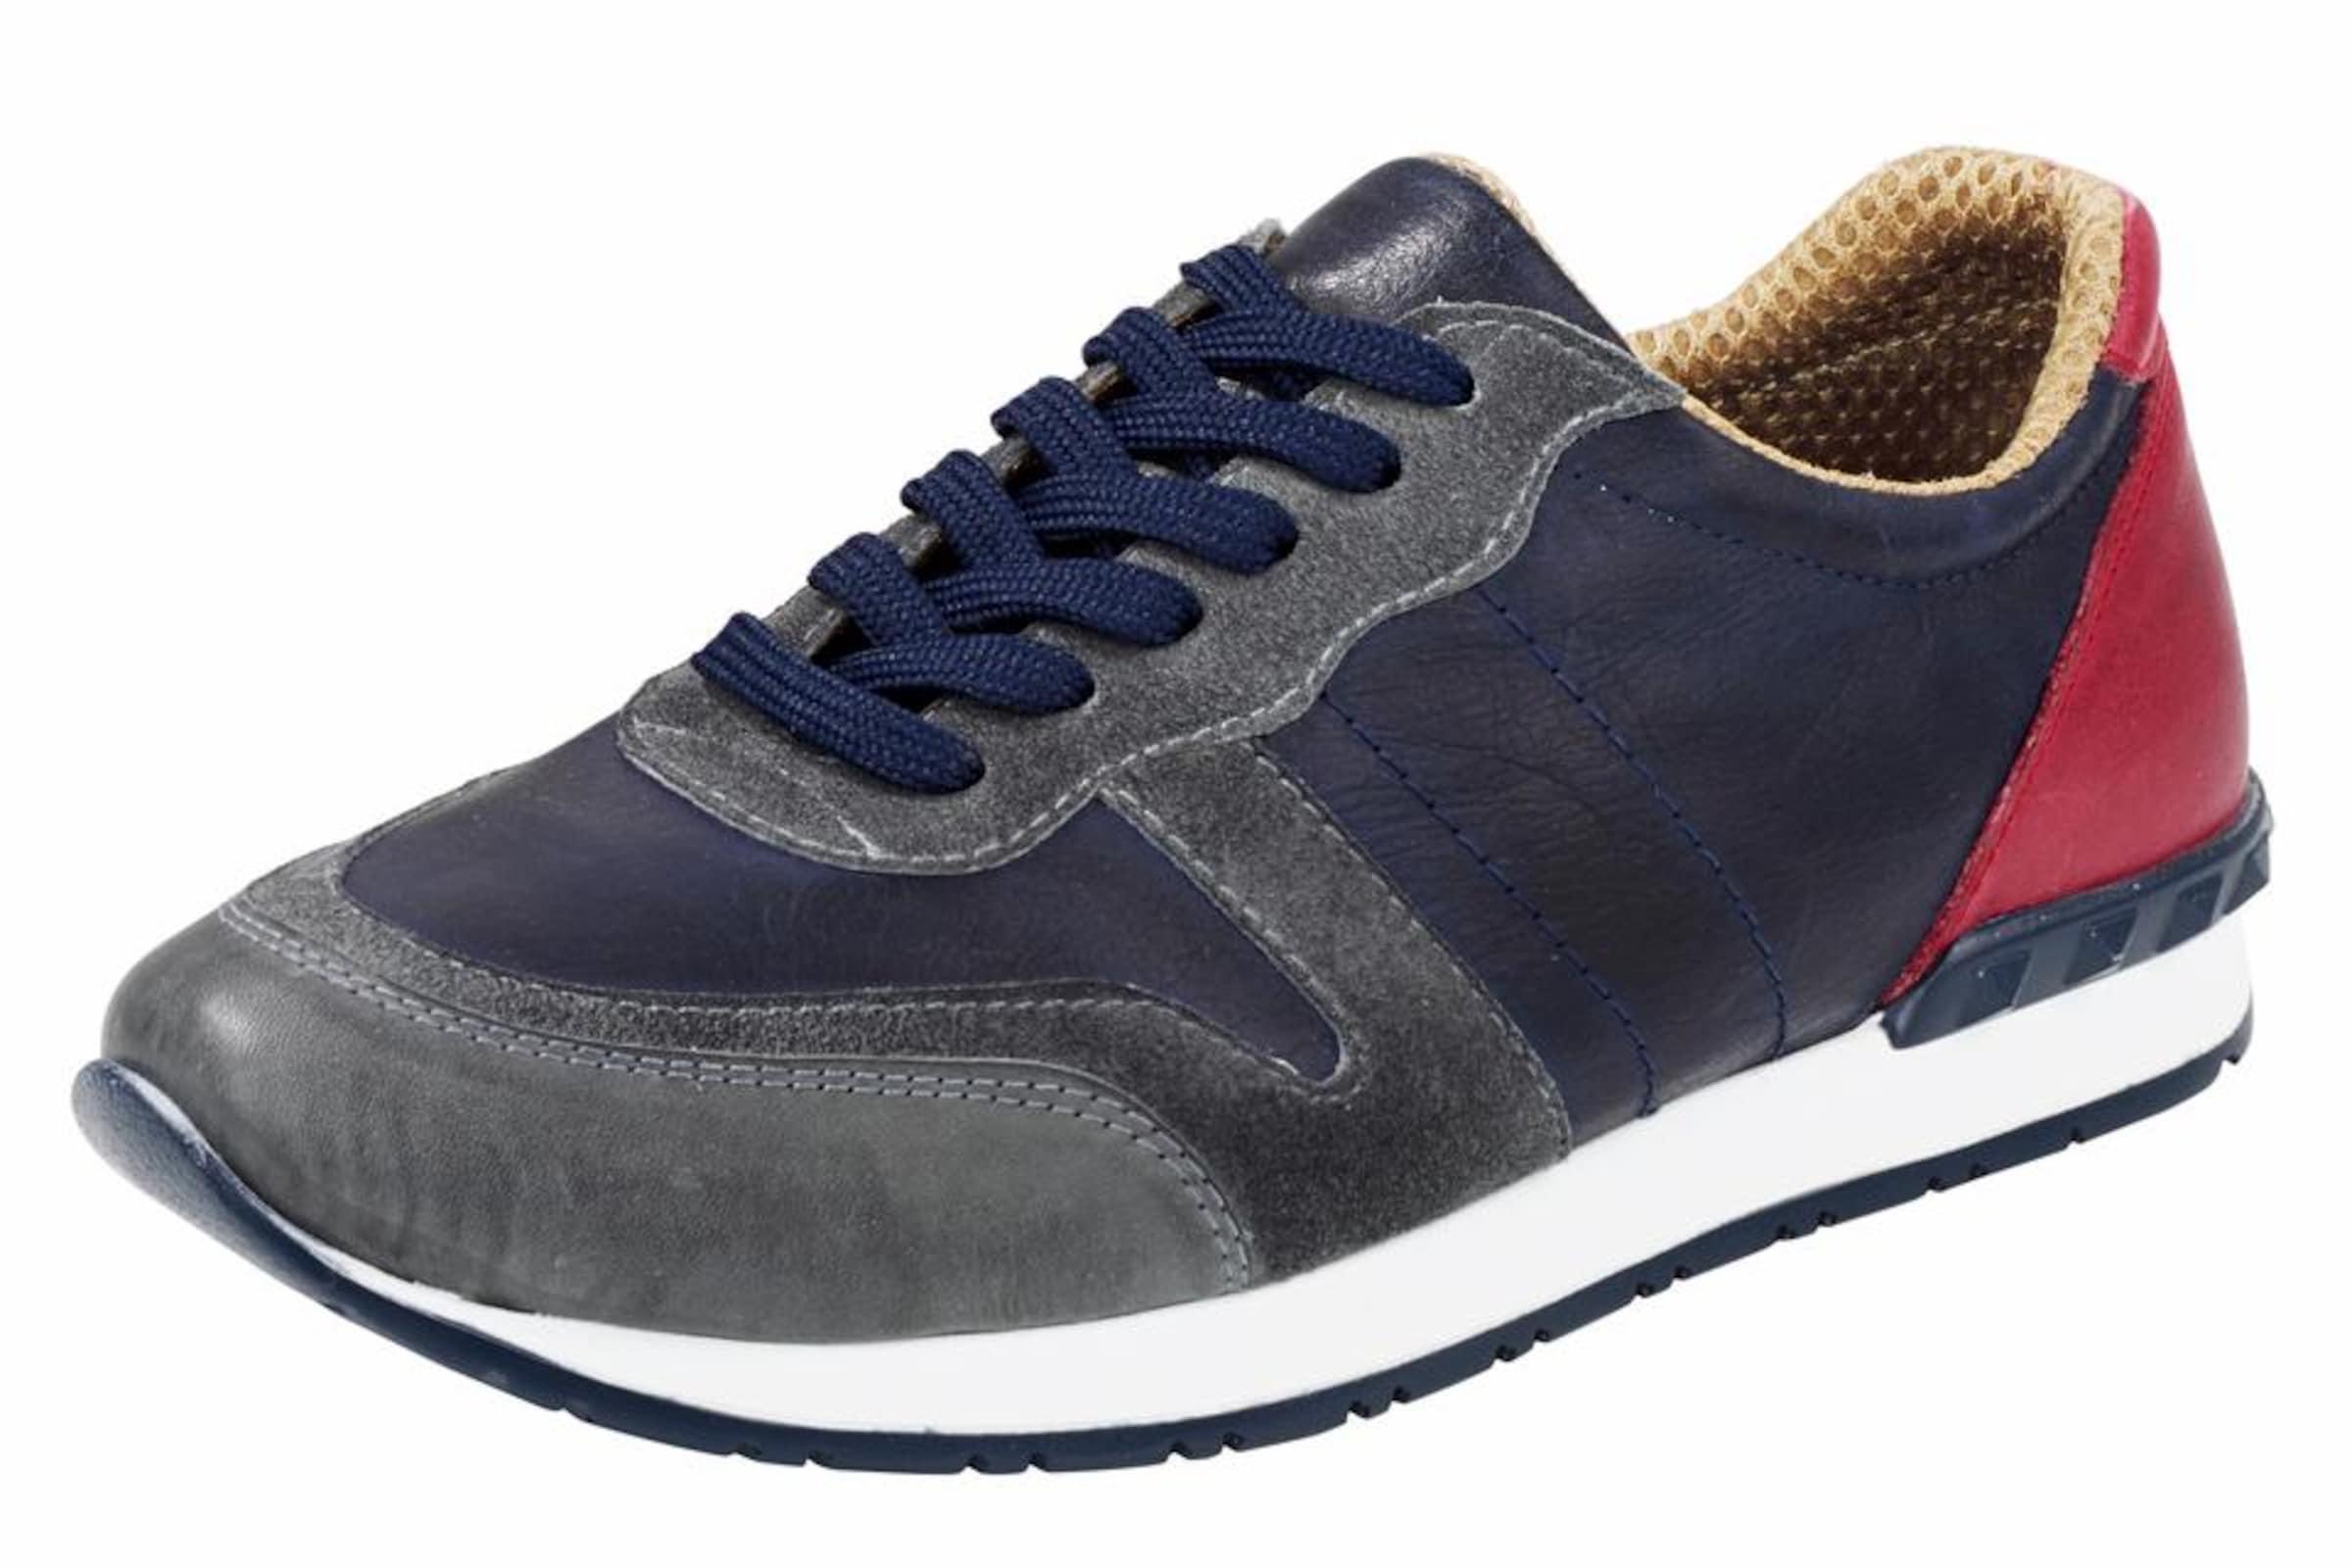 ANDREA CONTI Sneaker Günstige und langlebige Schuhe